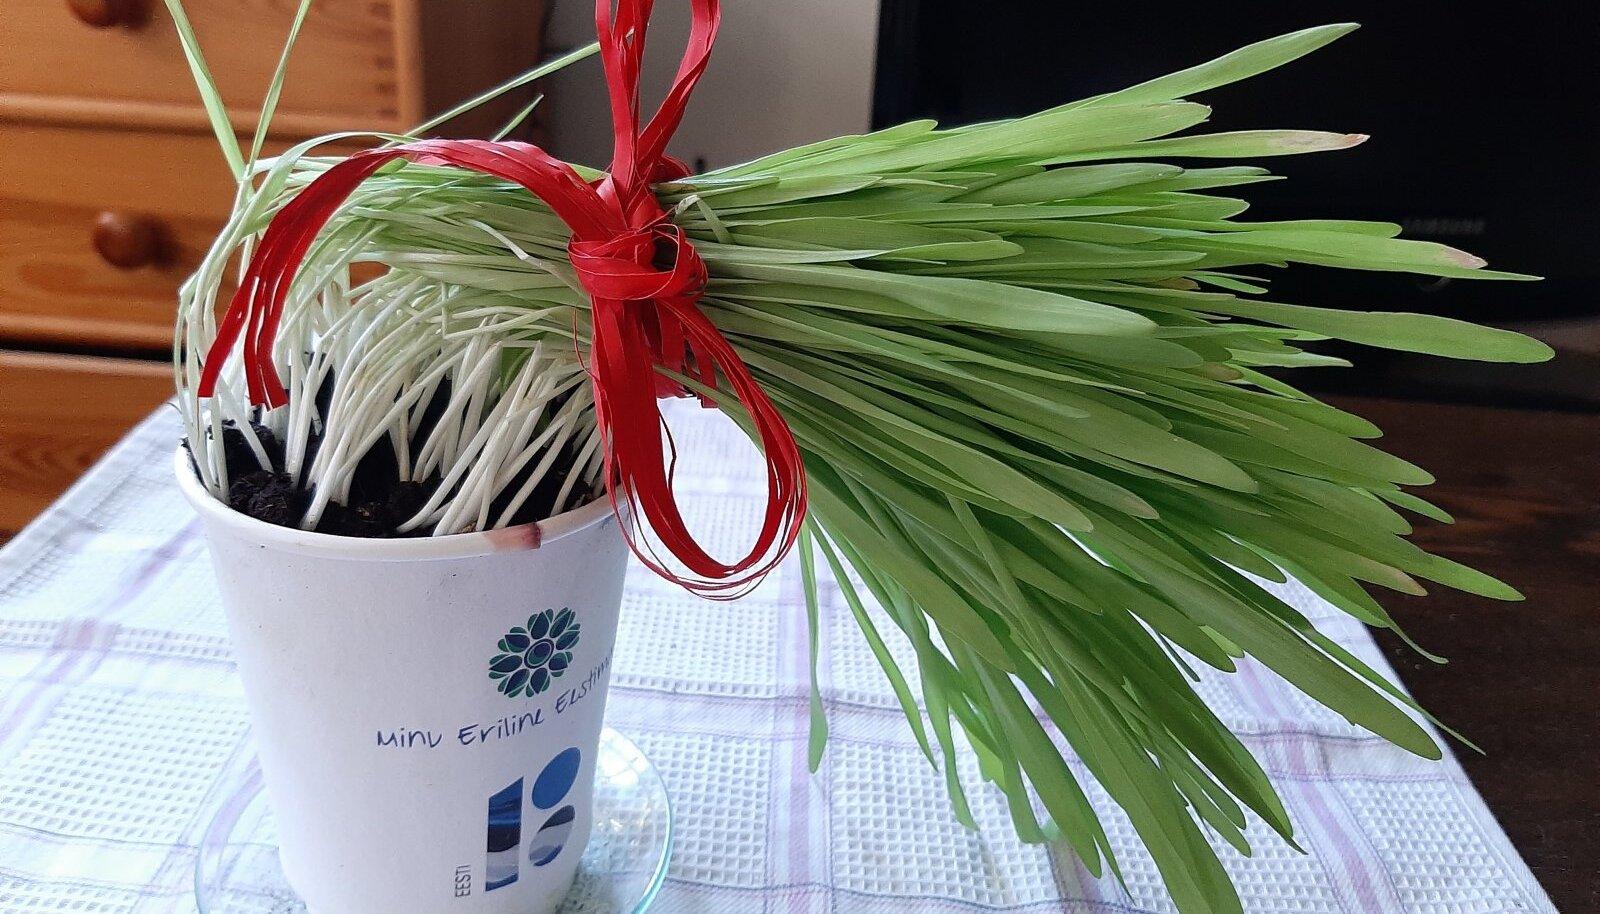 Rohelised rohujuuksed võib ka soengusse sättida